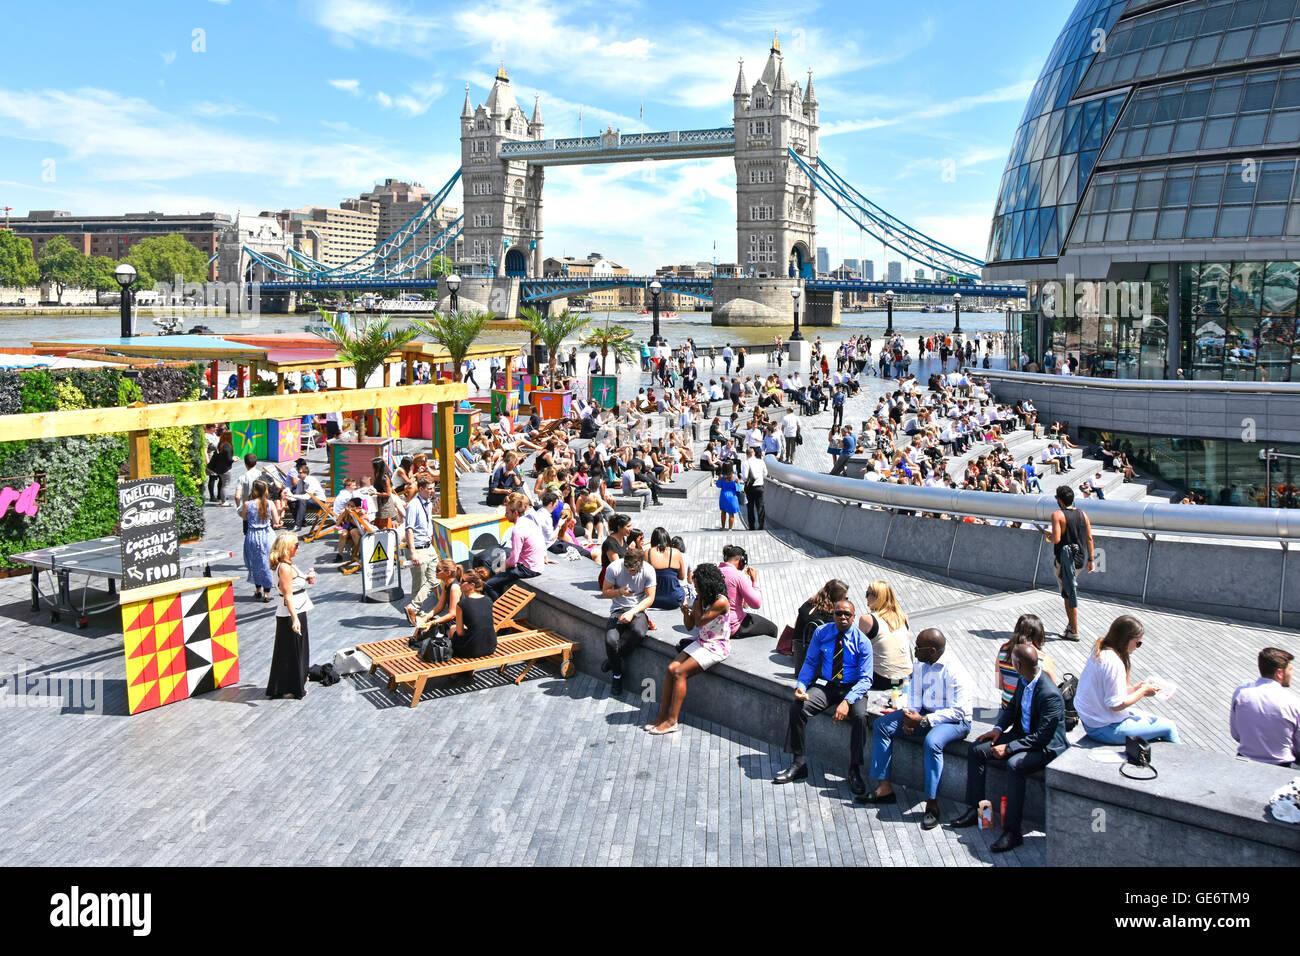 Día caluroso para trabajadores de oficina y turistas en verano bebidas y puestos de comida alrededor de 'La Imagen De Stock